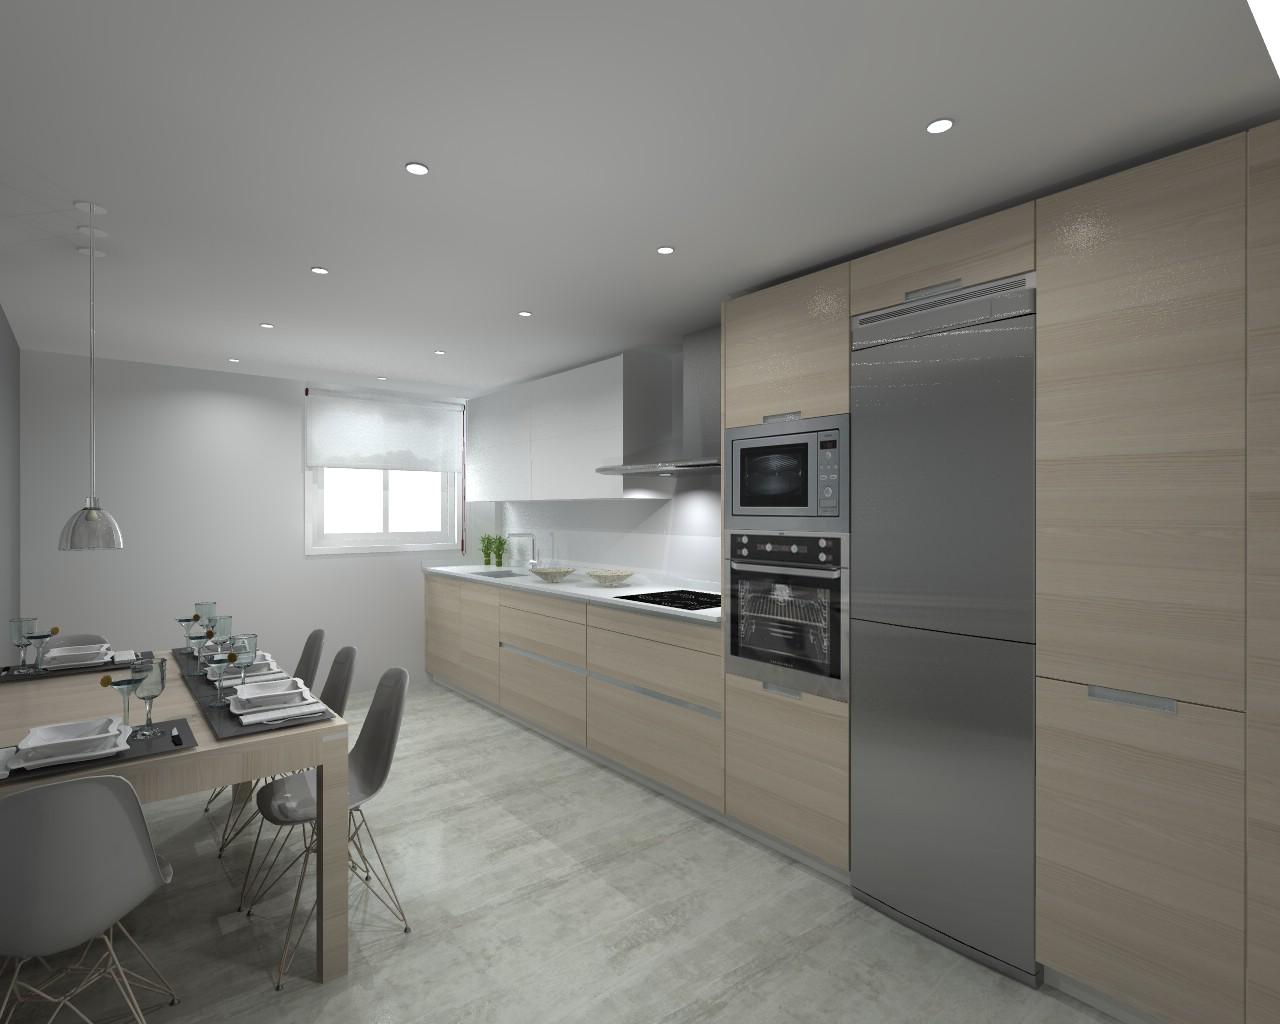 Proyectos de cocinas docrys cocinas Cocina 3 metros lineales